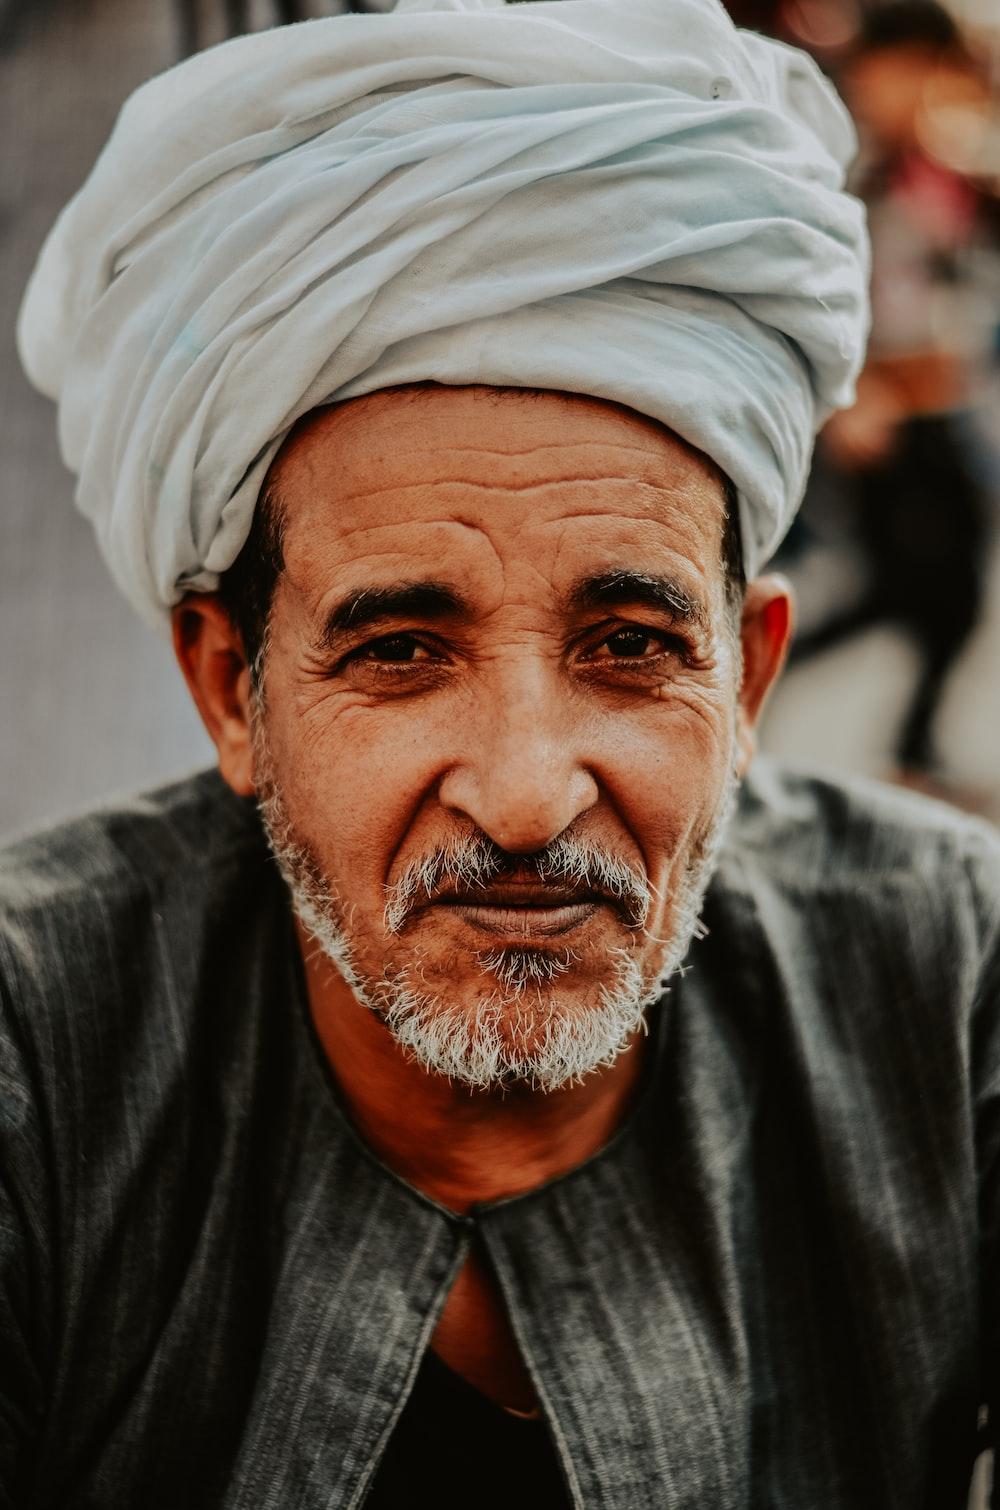 man wearing white turban